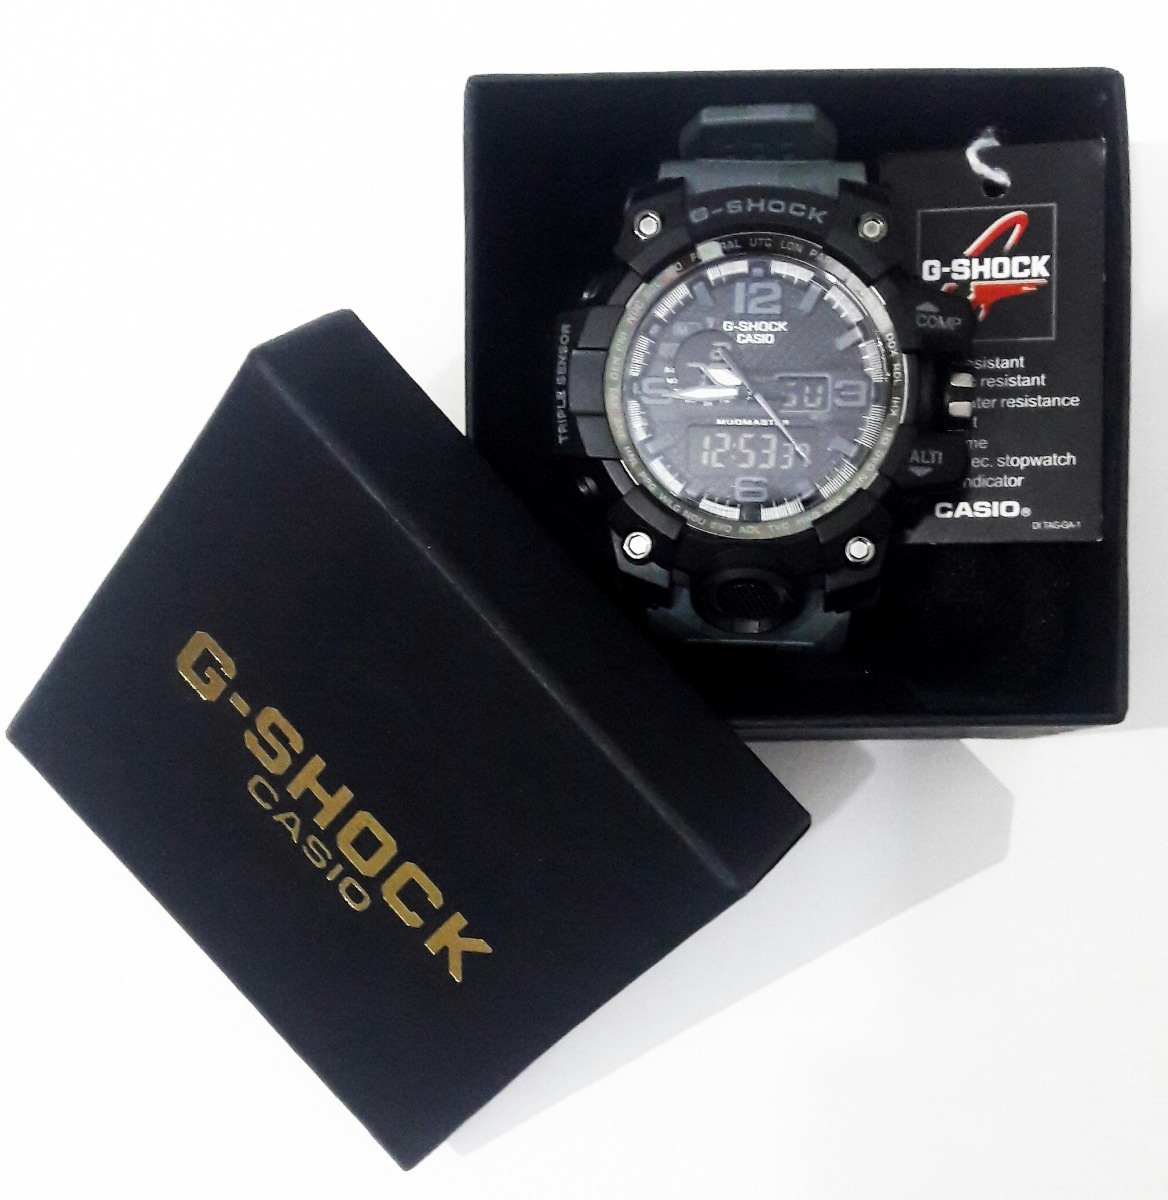 4a3bf6acf79 relógio masculino g-shock casio prova d água camuflado top. Carregando zoom.